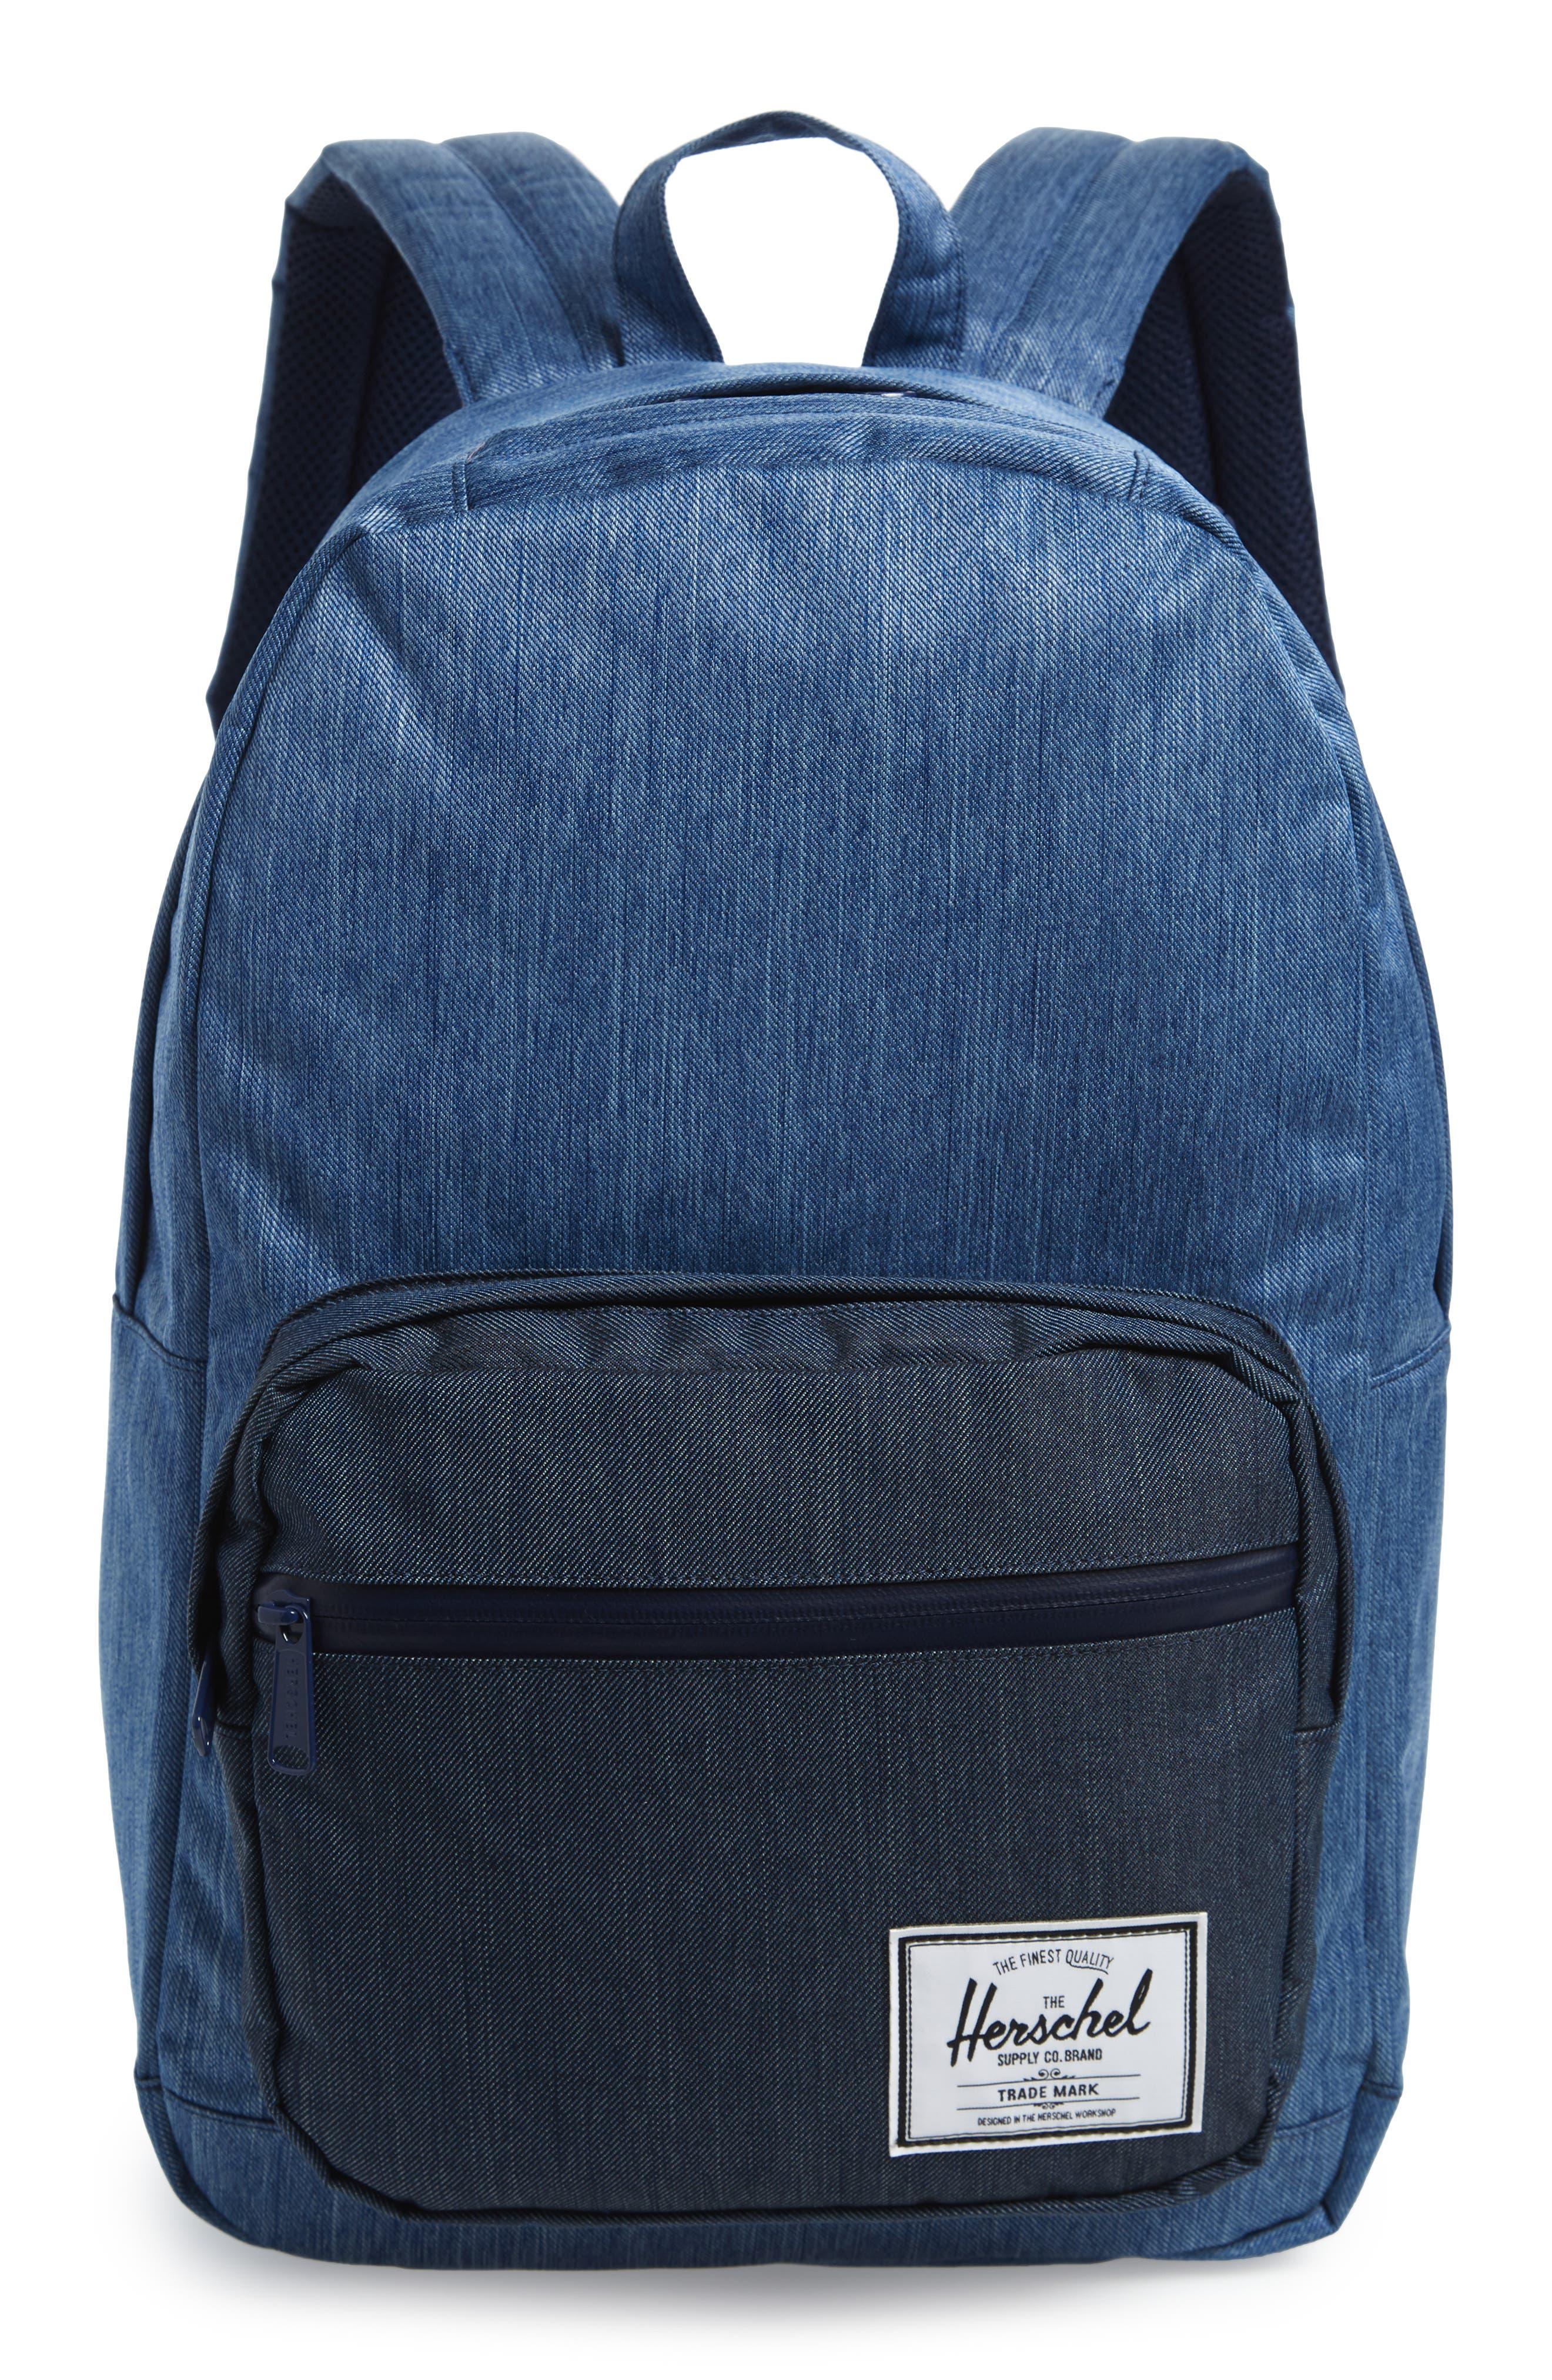 HERSCHEL SUPPLY CO. Pop Quiz Backpack, Main, color, FADED DENIM/ INDIGO DENIM